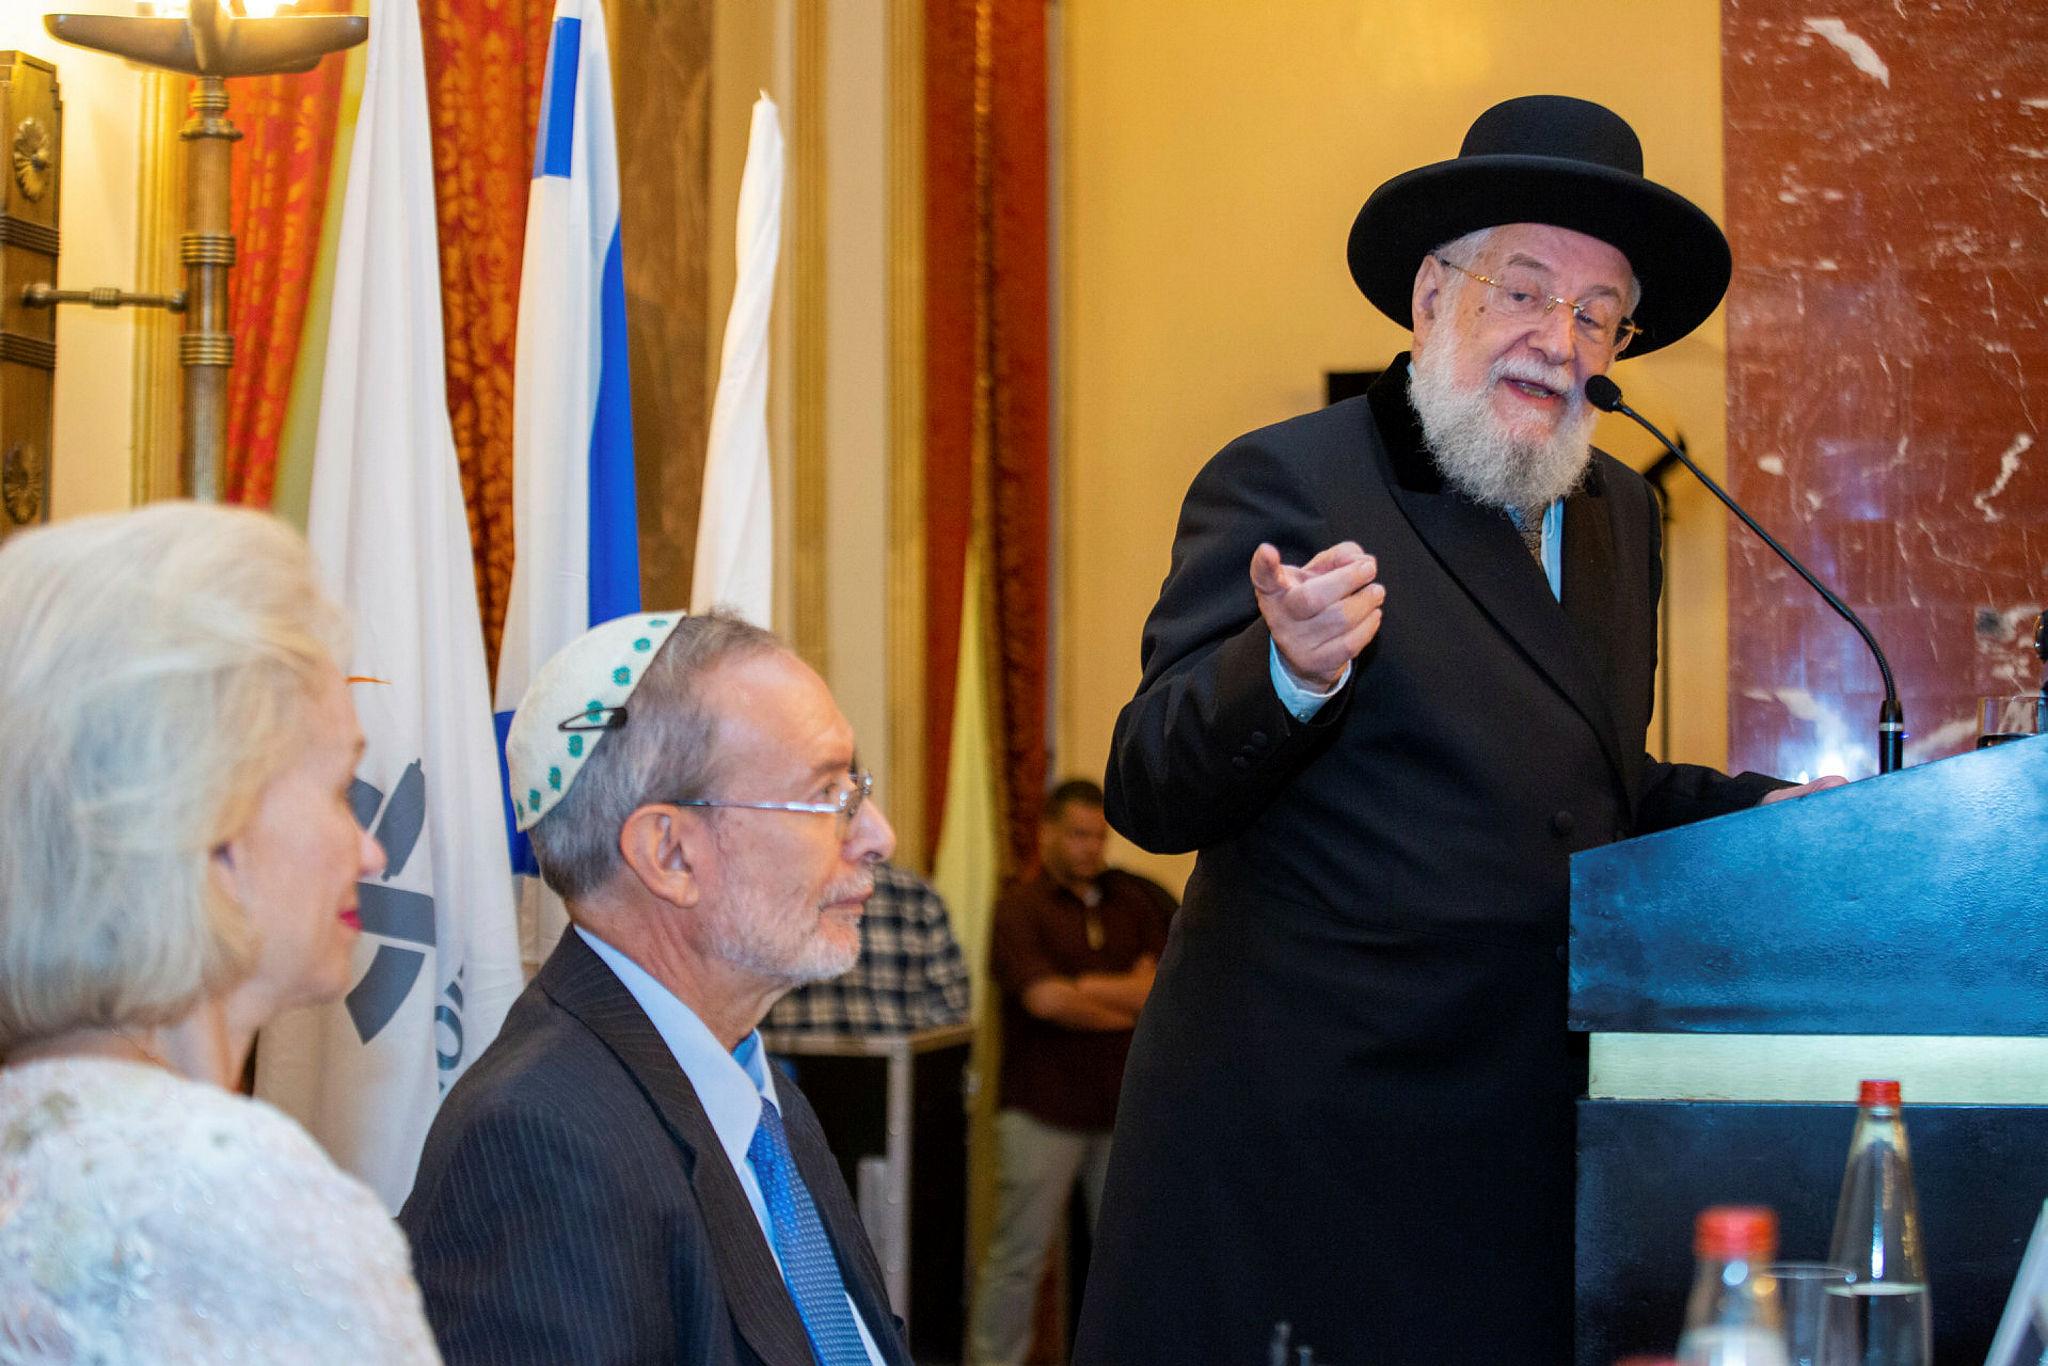 2018 Shomer Zion Award Goes to Rabbi Israel Meir Lau